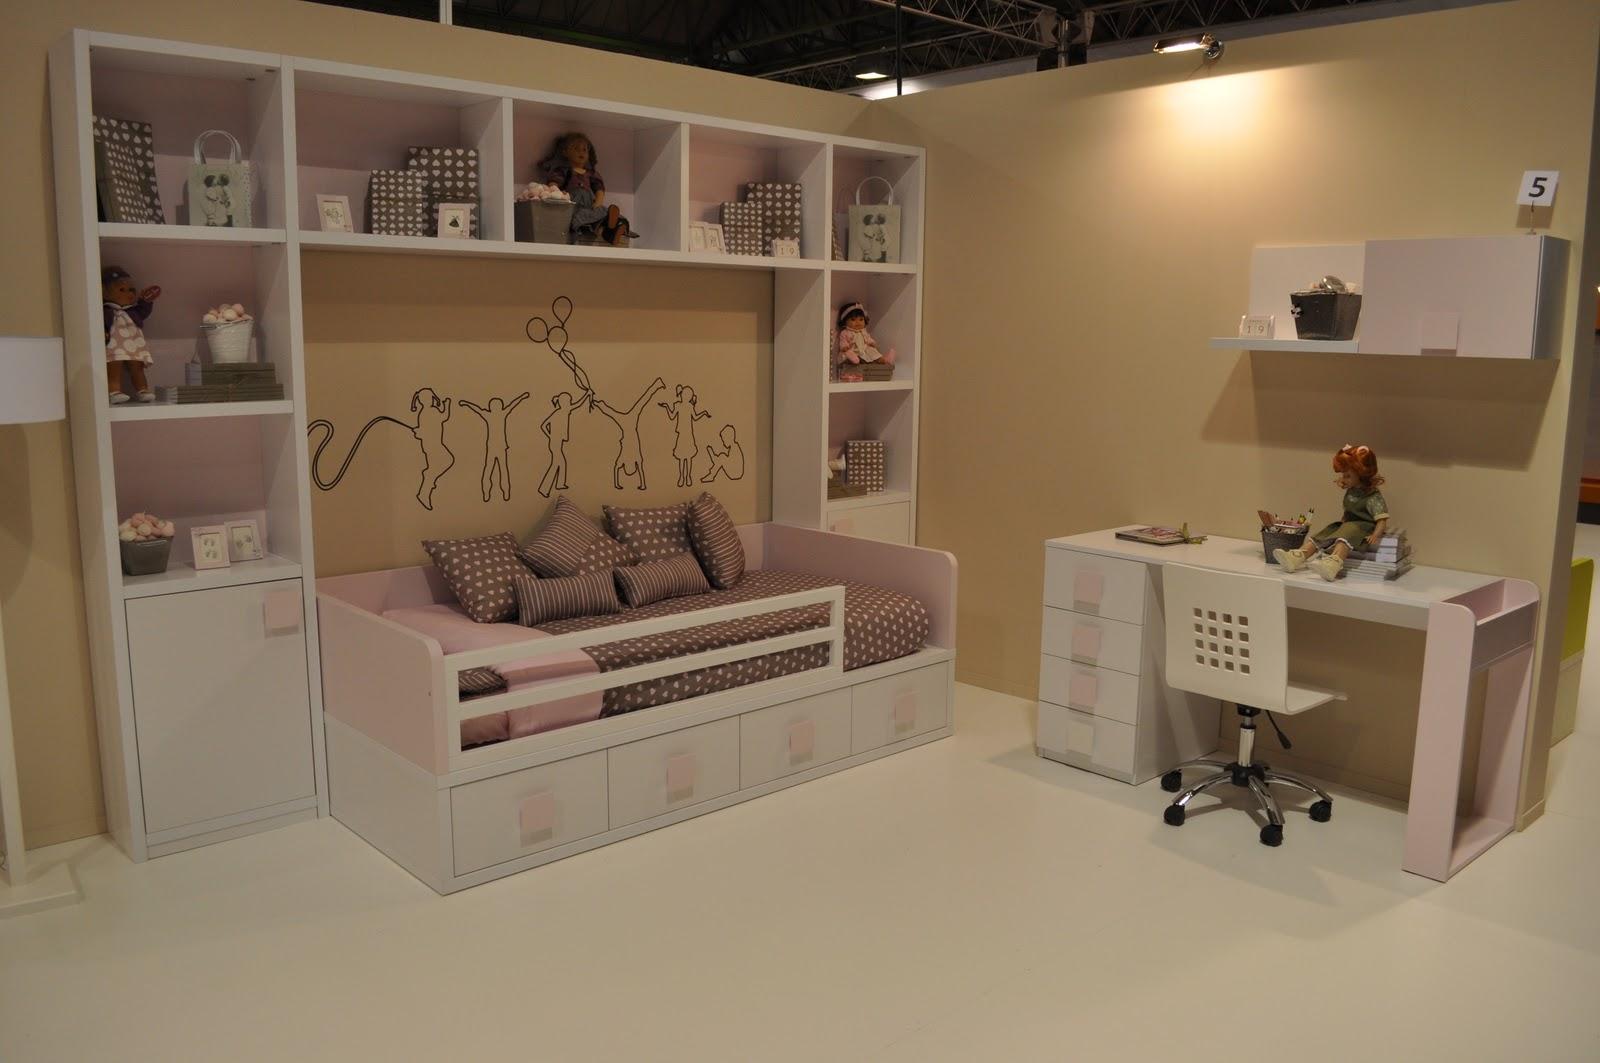 Tienda muebles modernos muebles de salon modernos salones for Almacenes zaragoza muebles